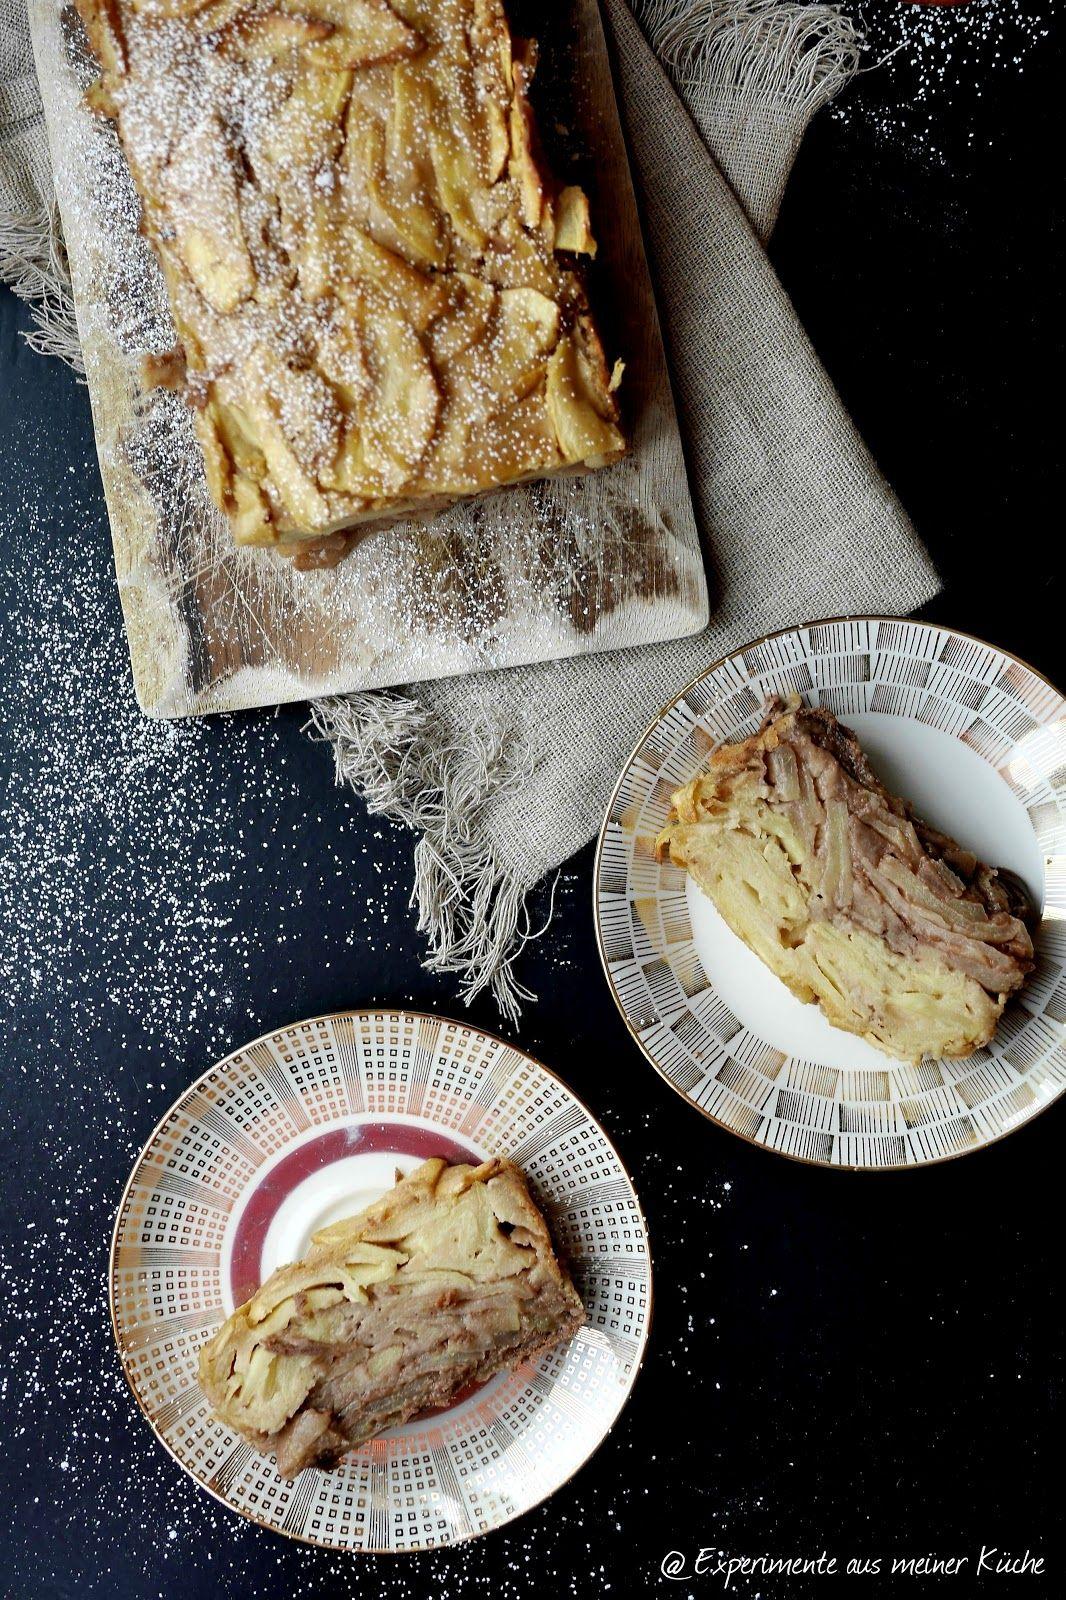 Apfel Schoko Karamell Kuchen Lebensmittel Essen Experimente Aus Meiner Kuche Kalorienarme Rezepte